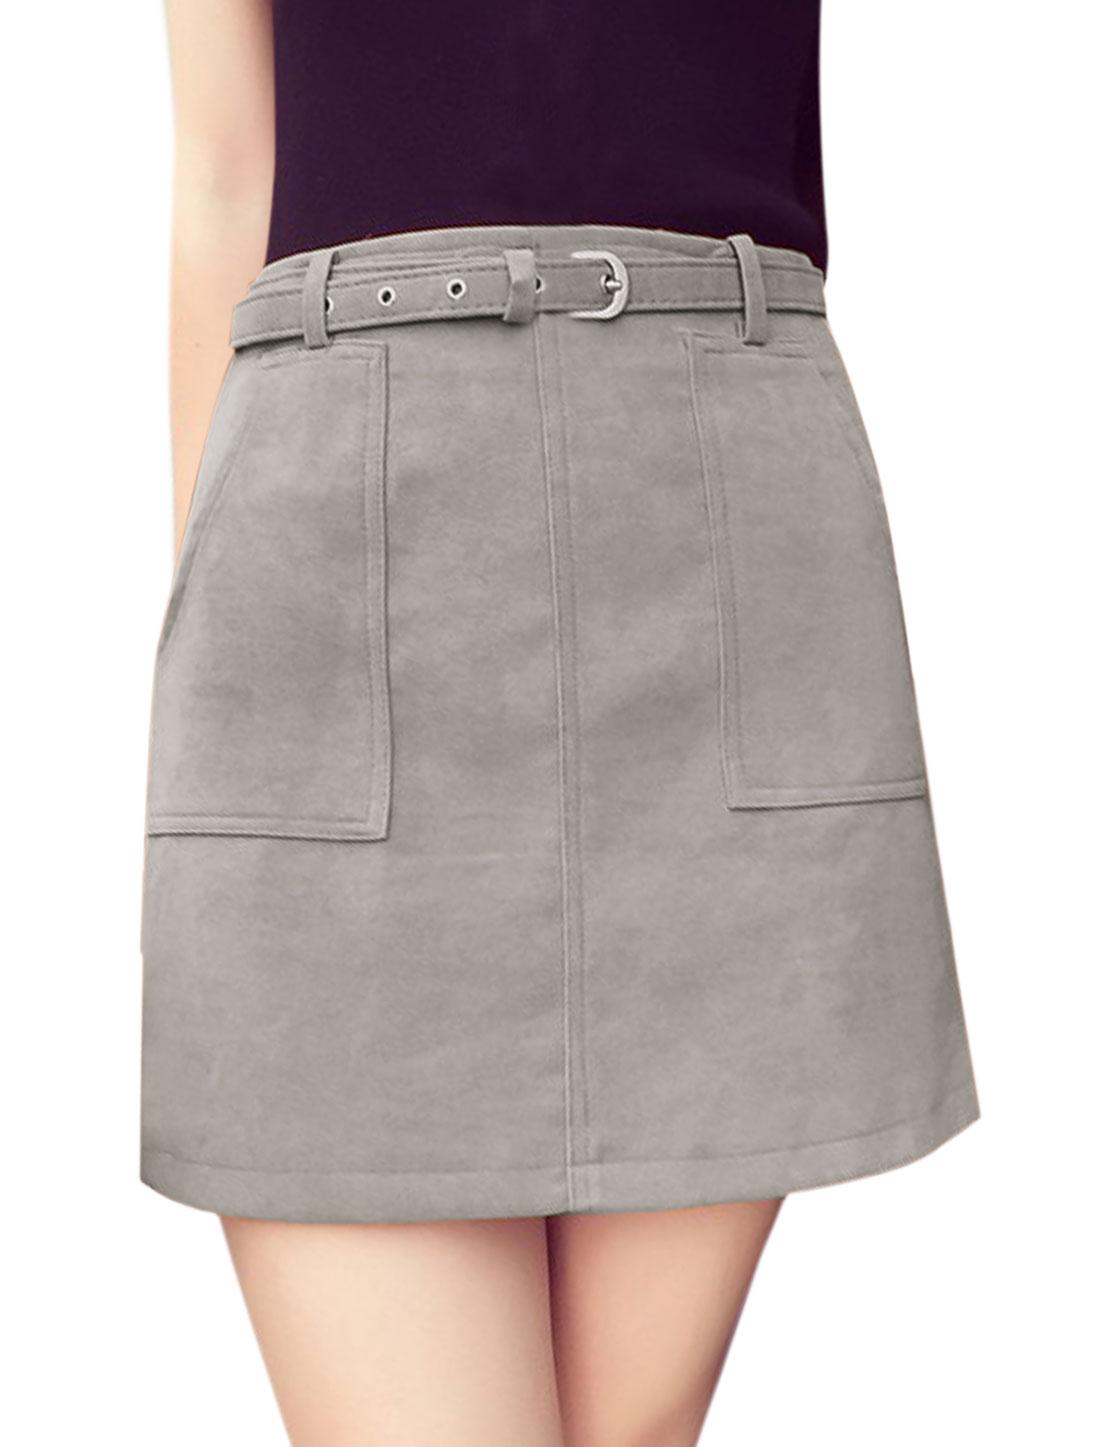 Women High Waist Two Front Pockets A Line Skirt w Belt Gray L